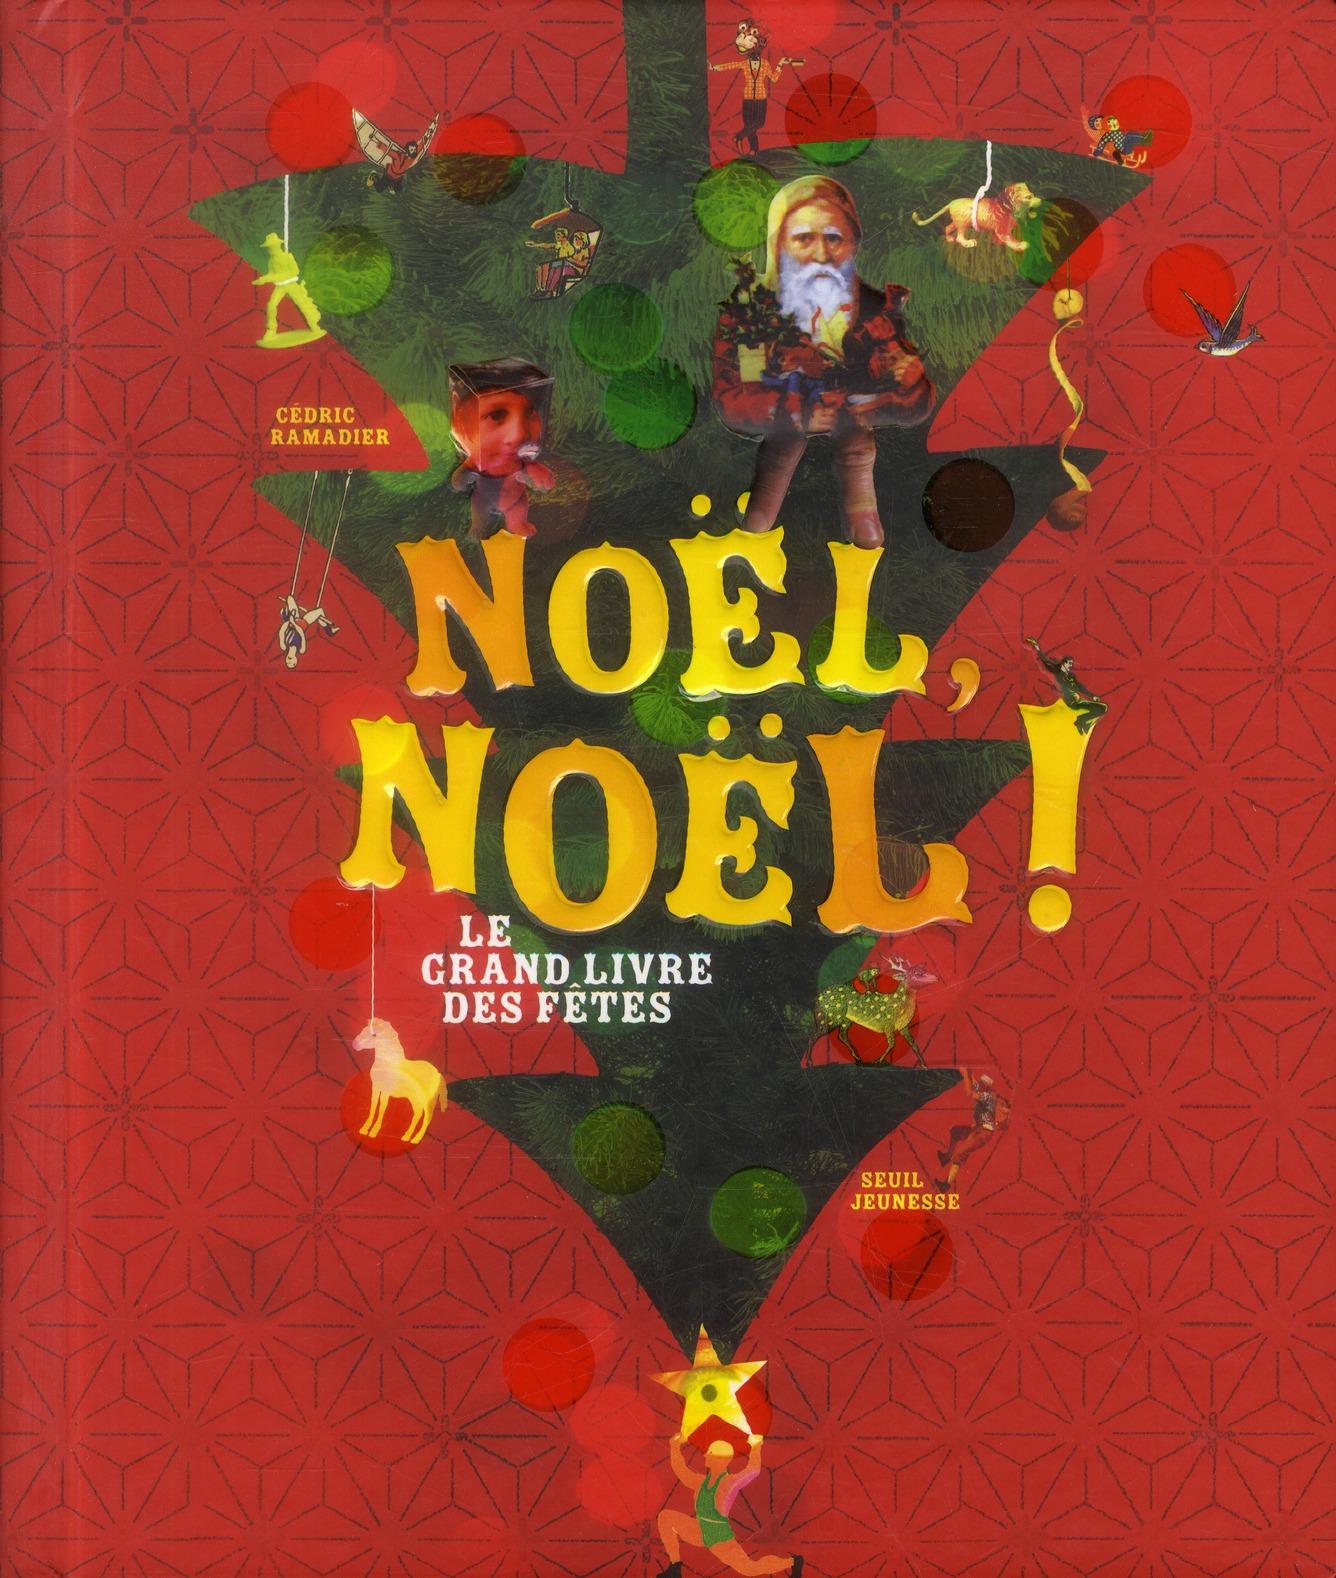 Noël Noël ! le grand livre des fêtes